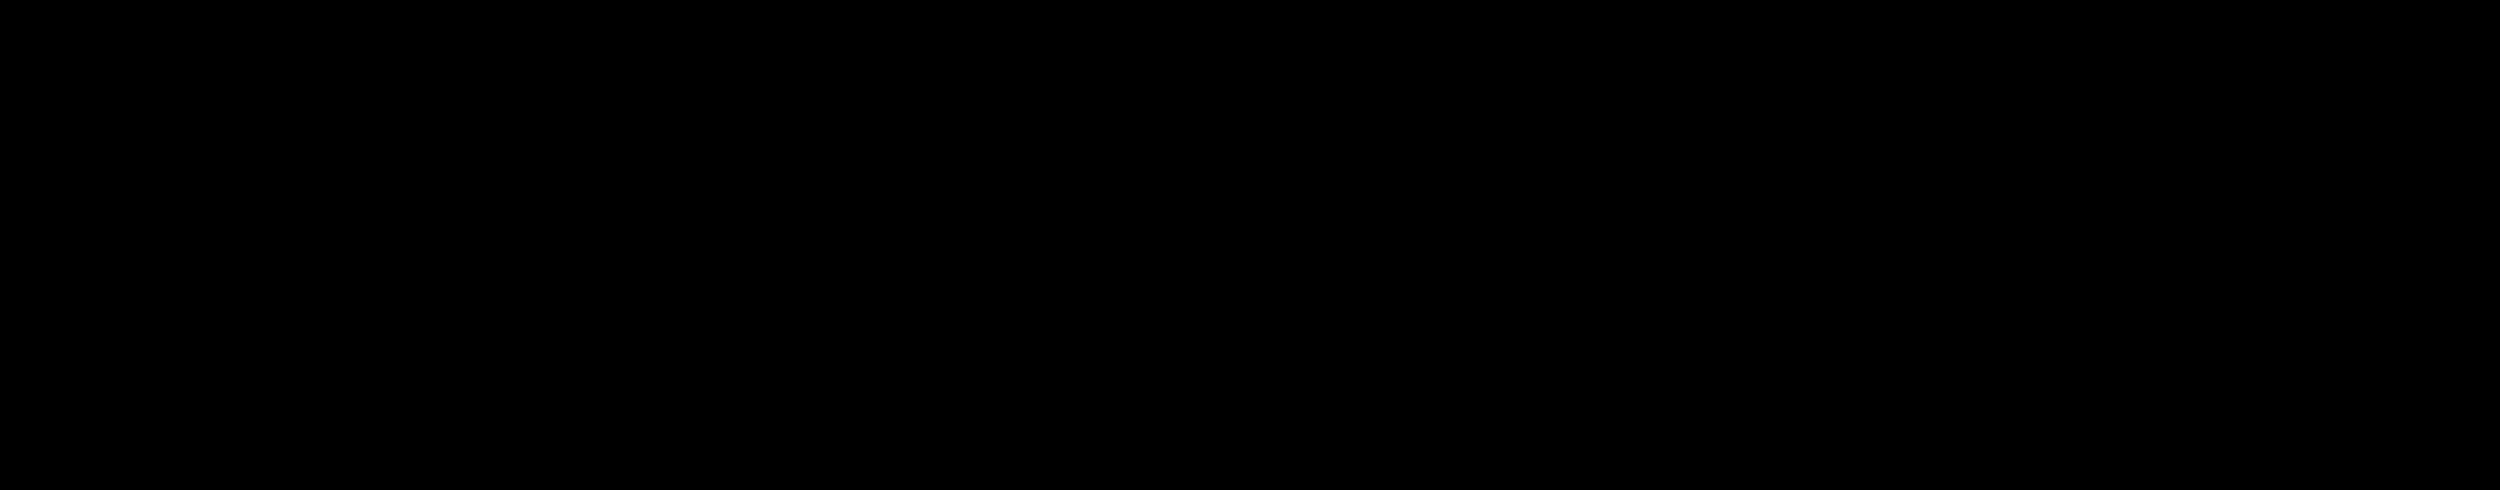 SAMSUNG LOGO BLACK - WEBSITE.png